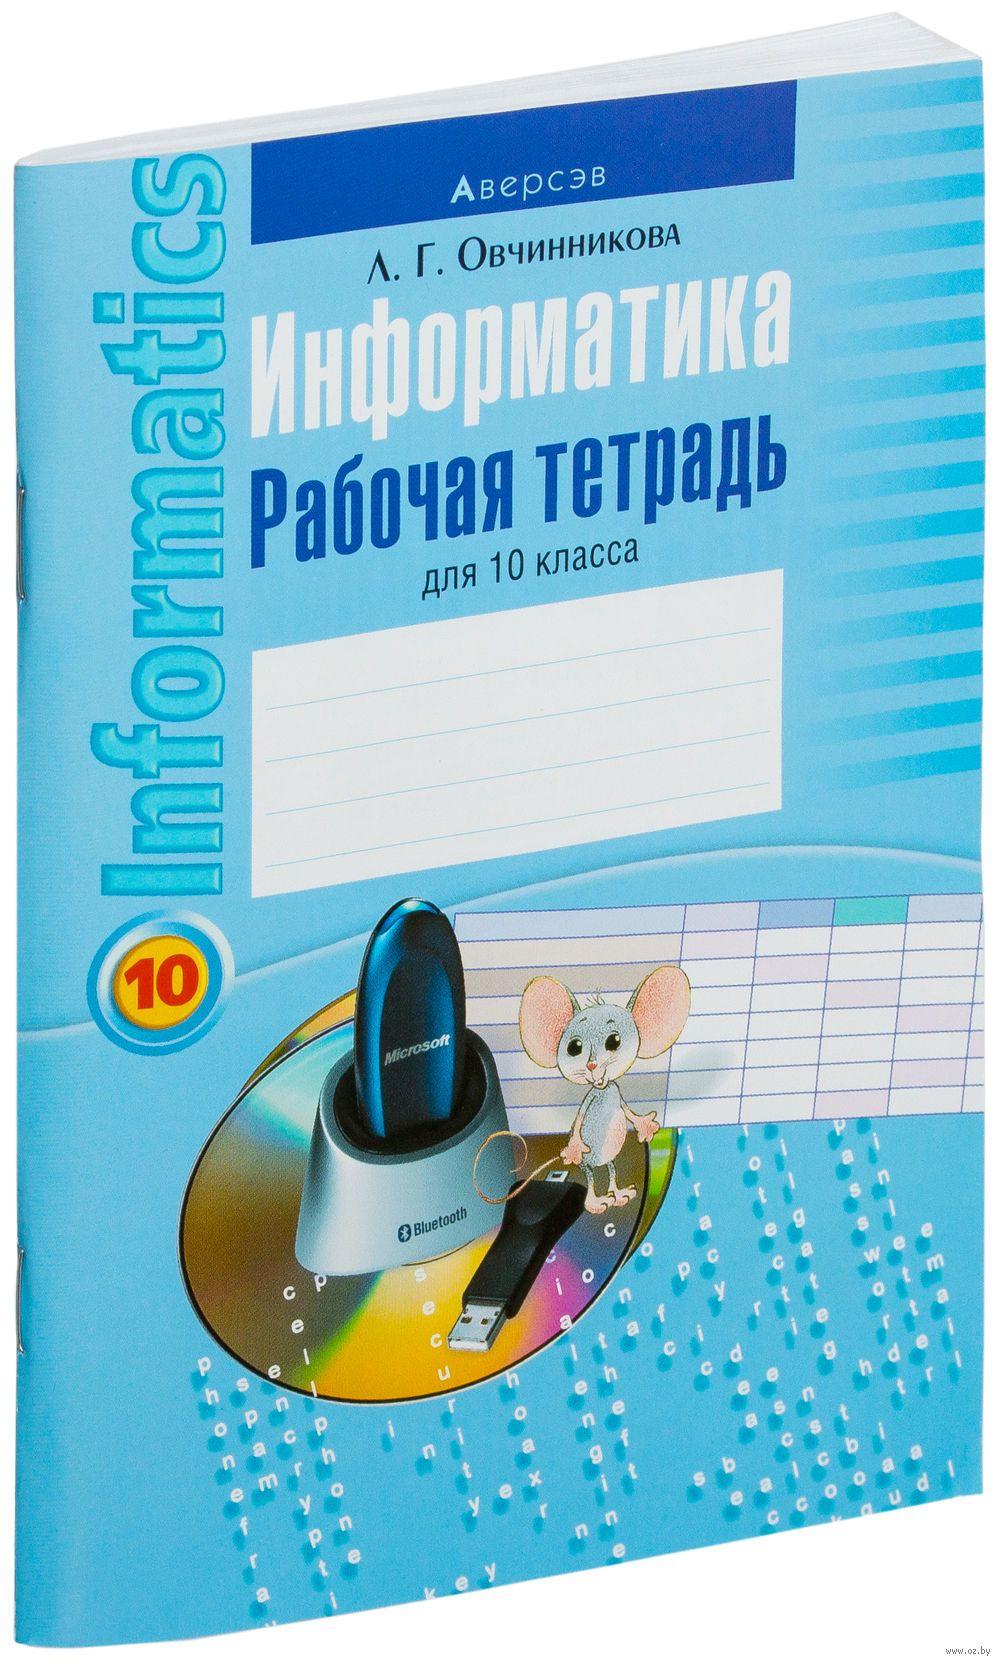 Решебник по русскому языку 6 класс скачать бесплатно бунеев бунеева комиссарова текучева